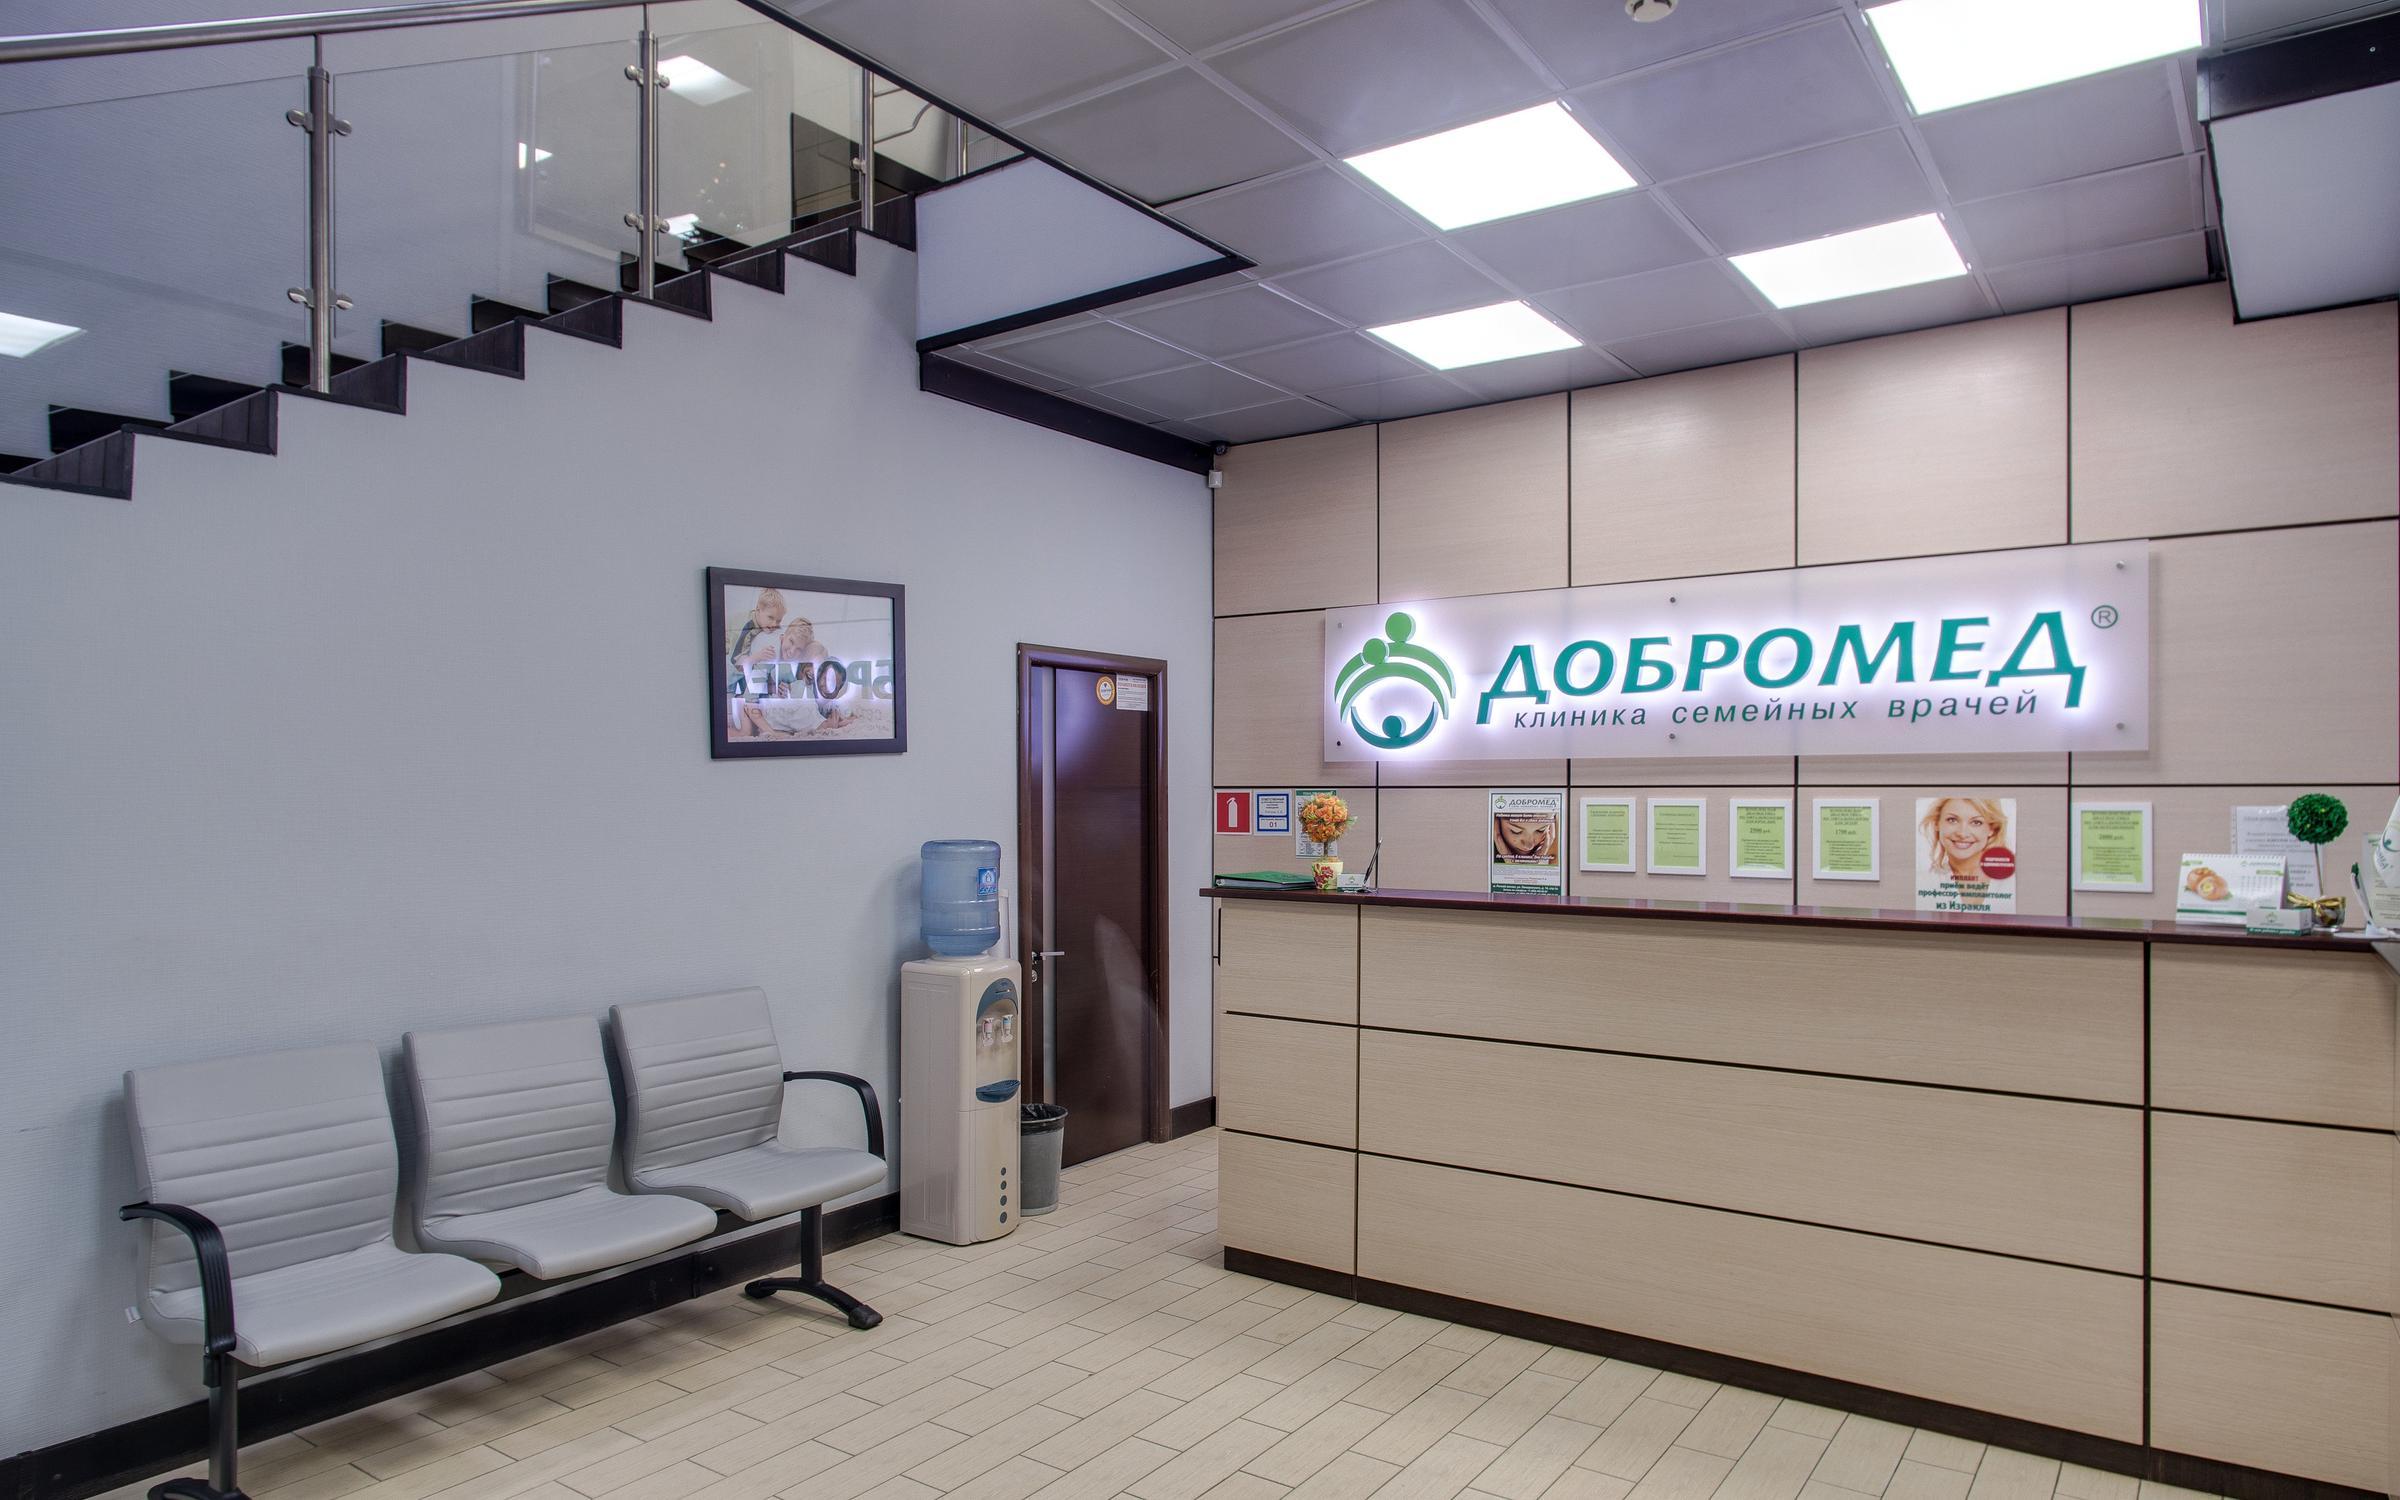 фотография Клиники Добромед на Речном вокзале